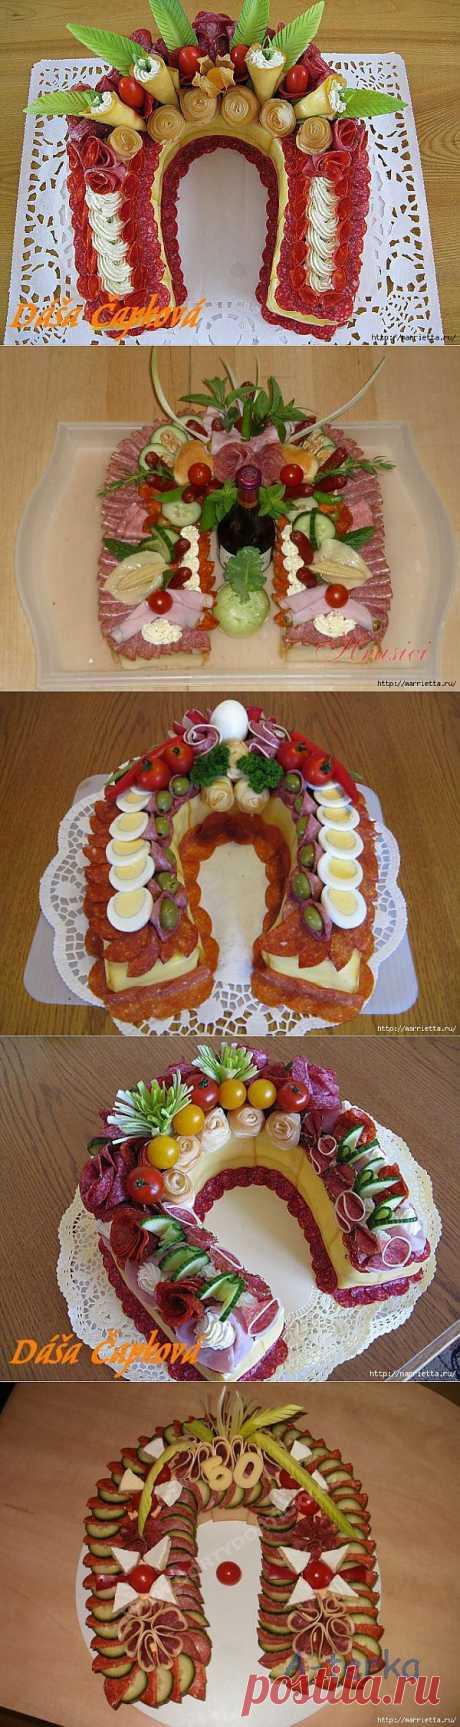 Новогодний СОЛЕНЫЙ закусочный торт. ПОДКОВА.